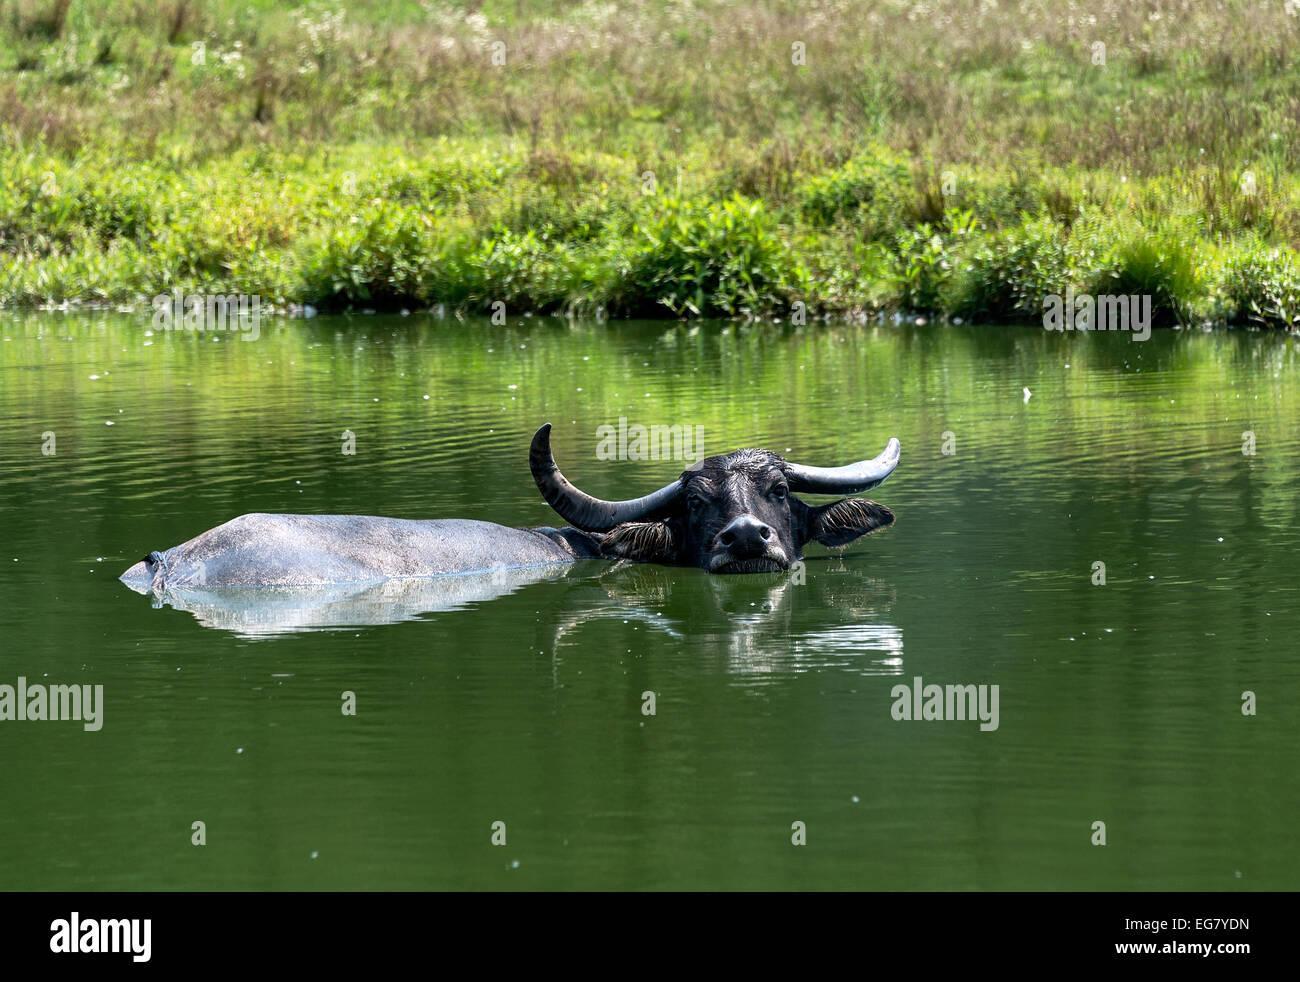 Water buffalo - Stock Image